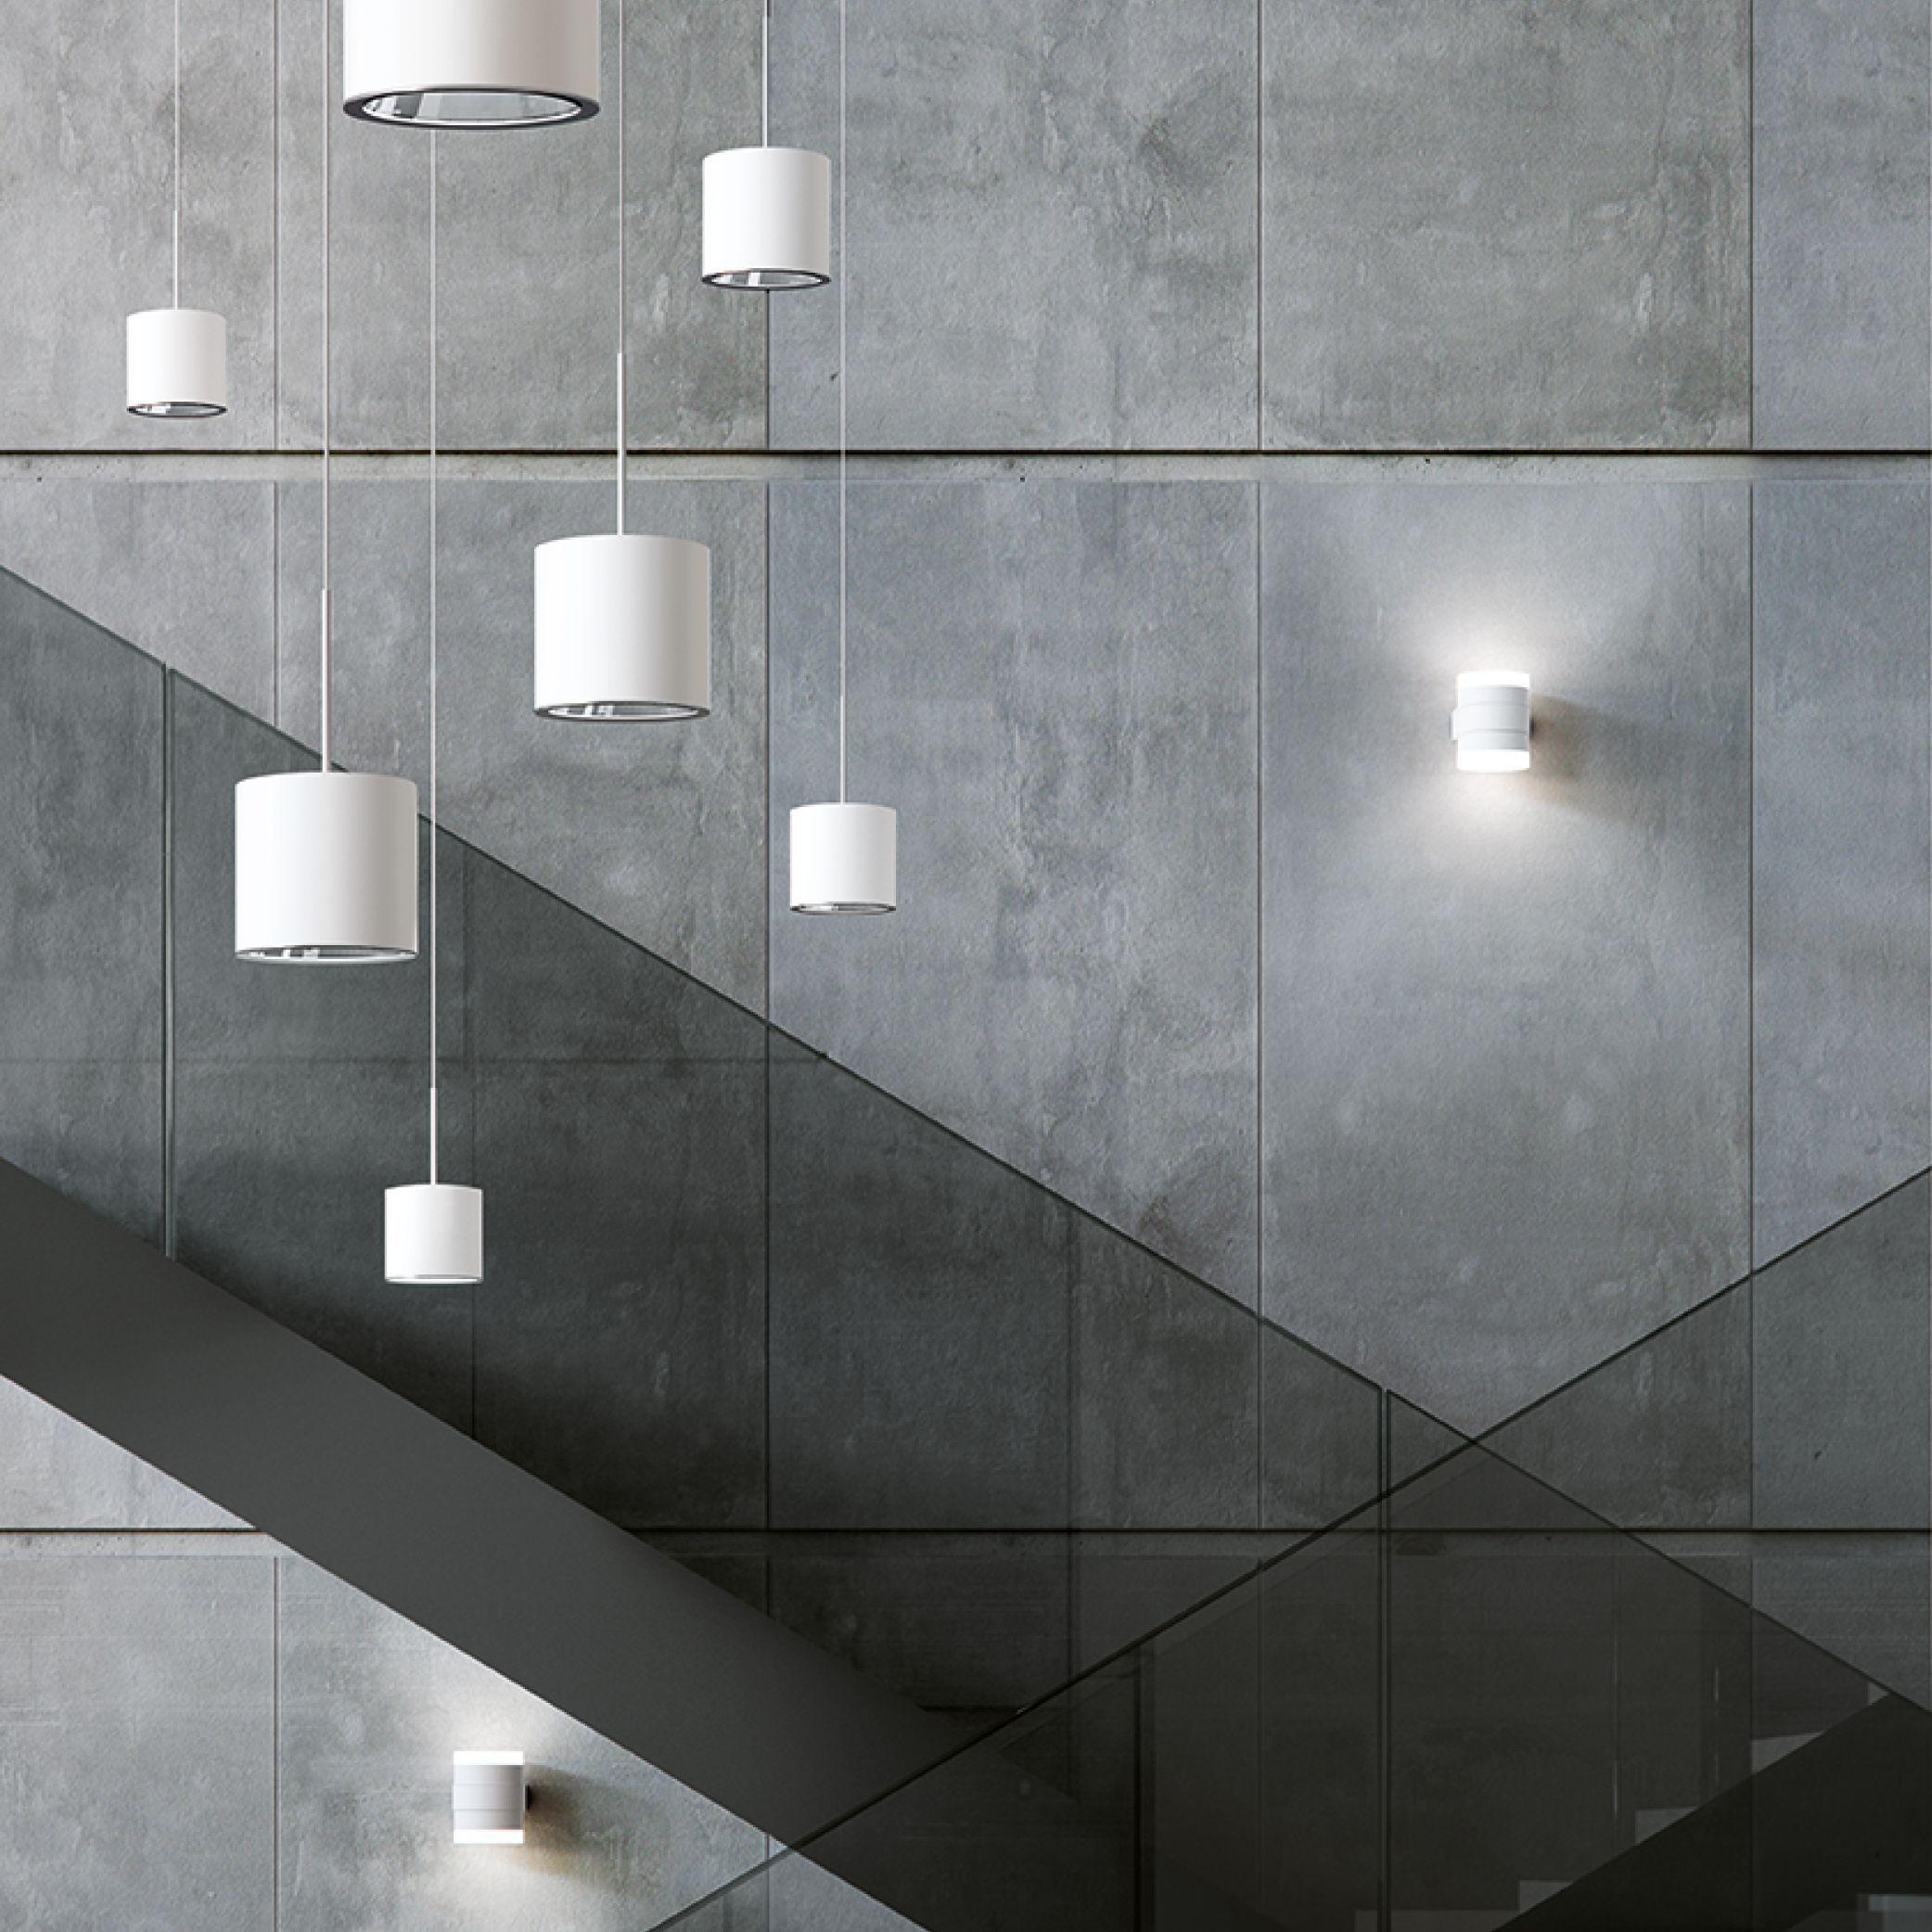 Pin Von Bega Auf Indoor Luminaires Application Shots Licht